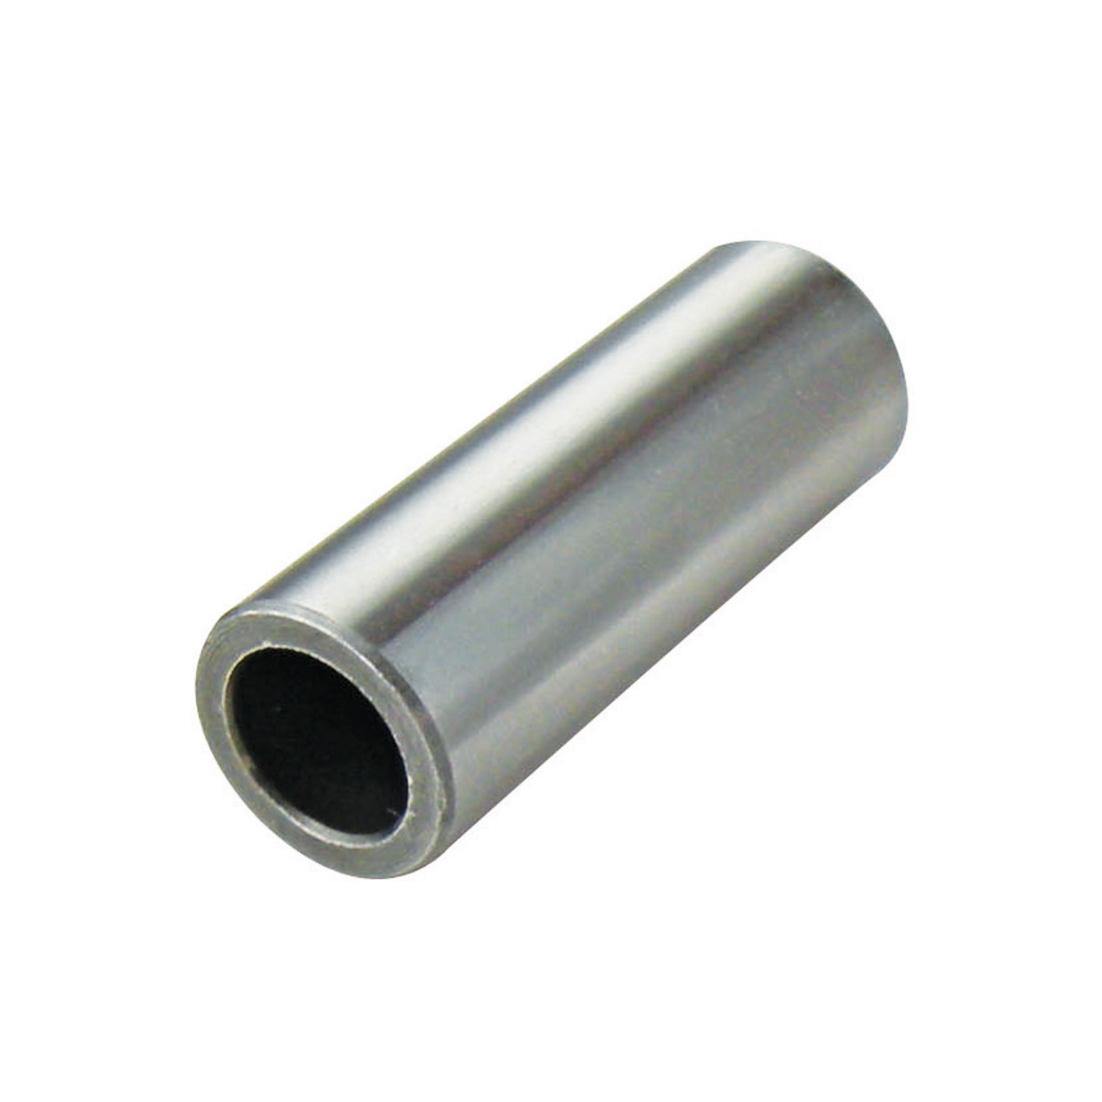 K70-B7 / PISTON PIN 15*9.5*45